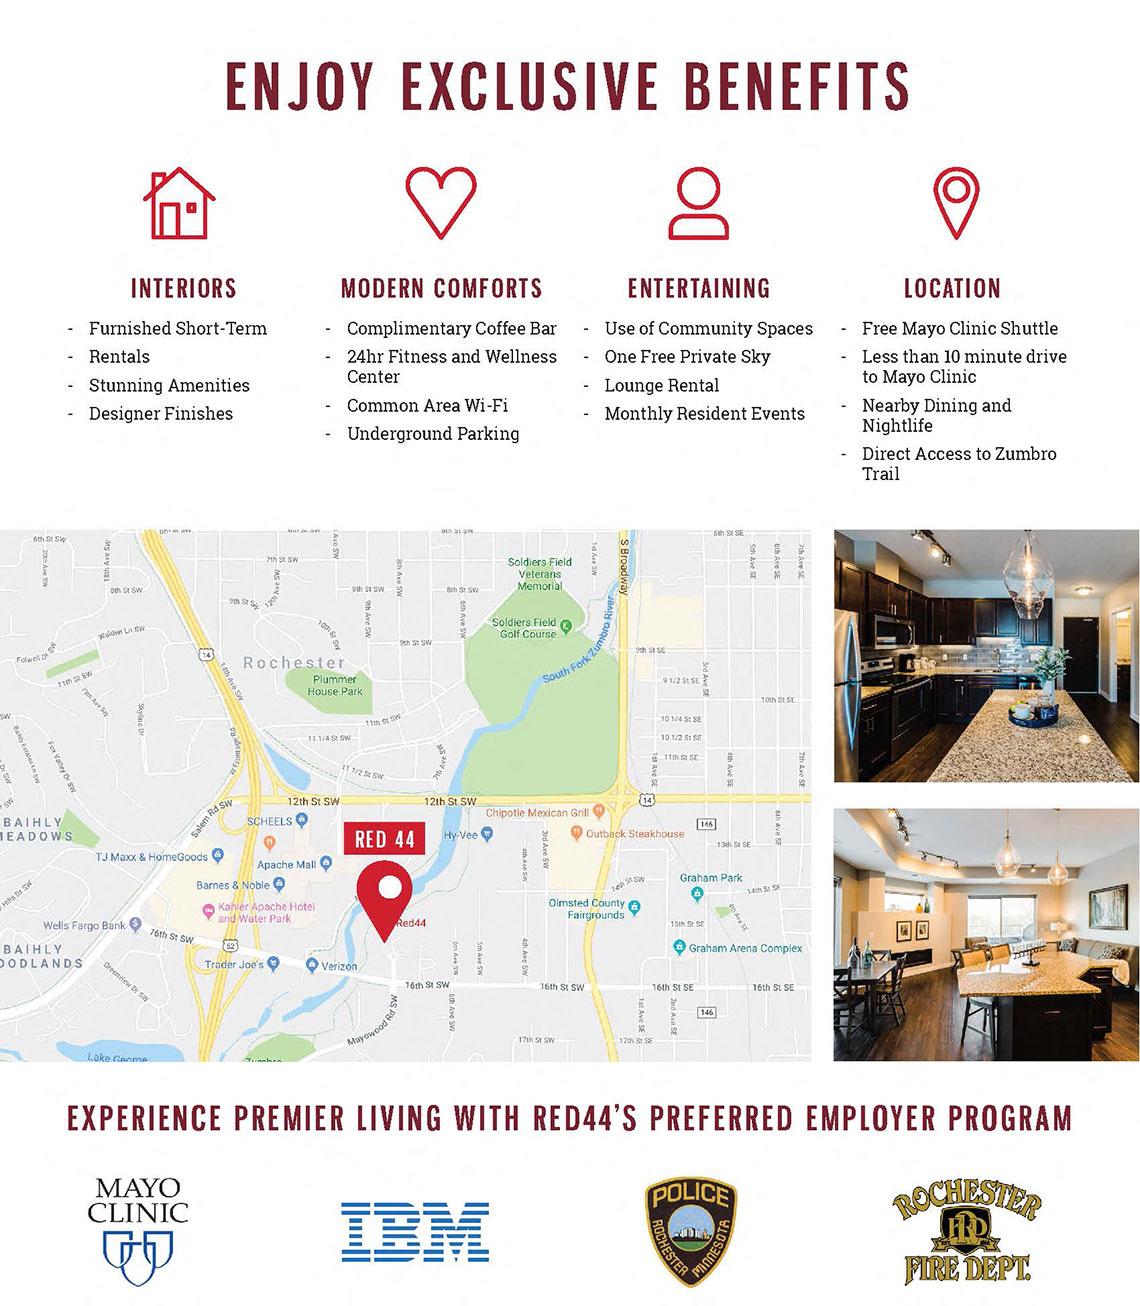 Exclusive Benefits